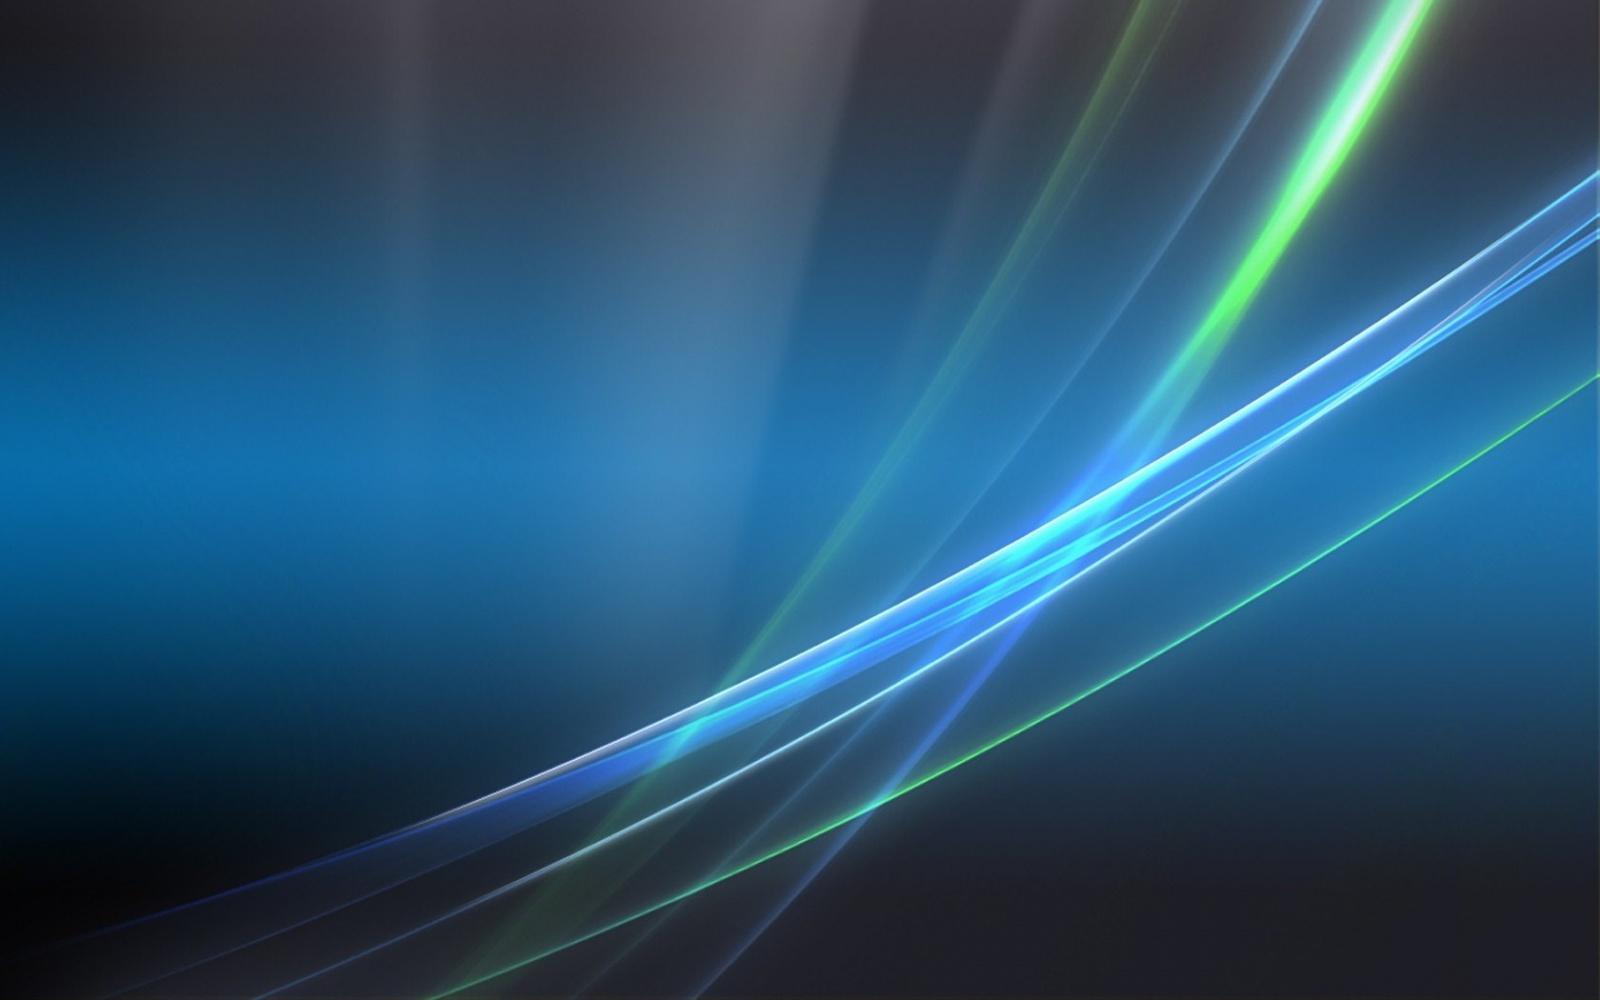 backgrounds-for-windows-1.jpg